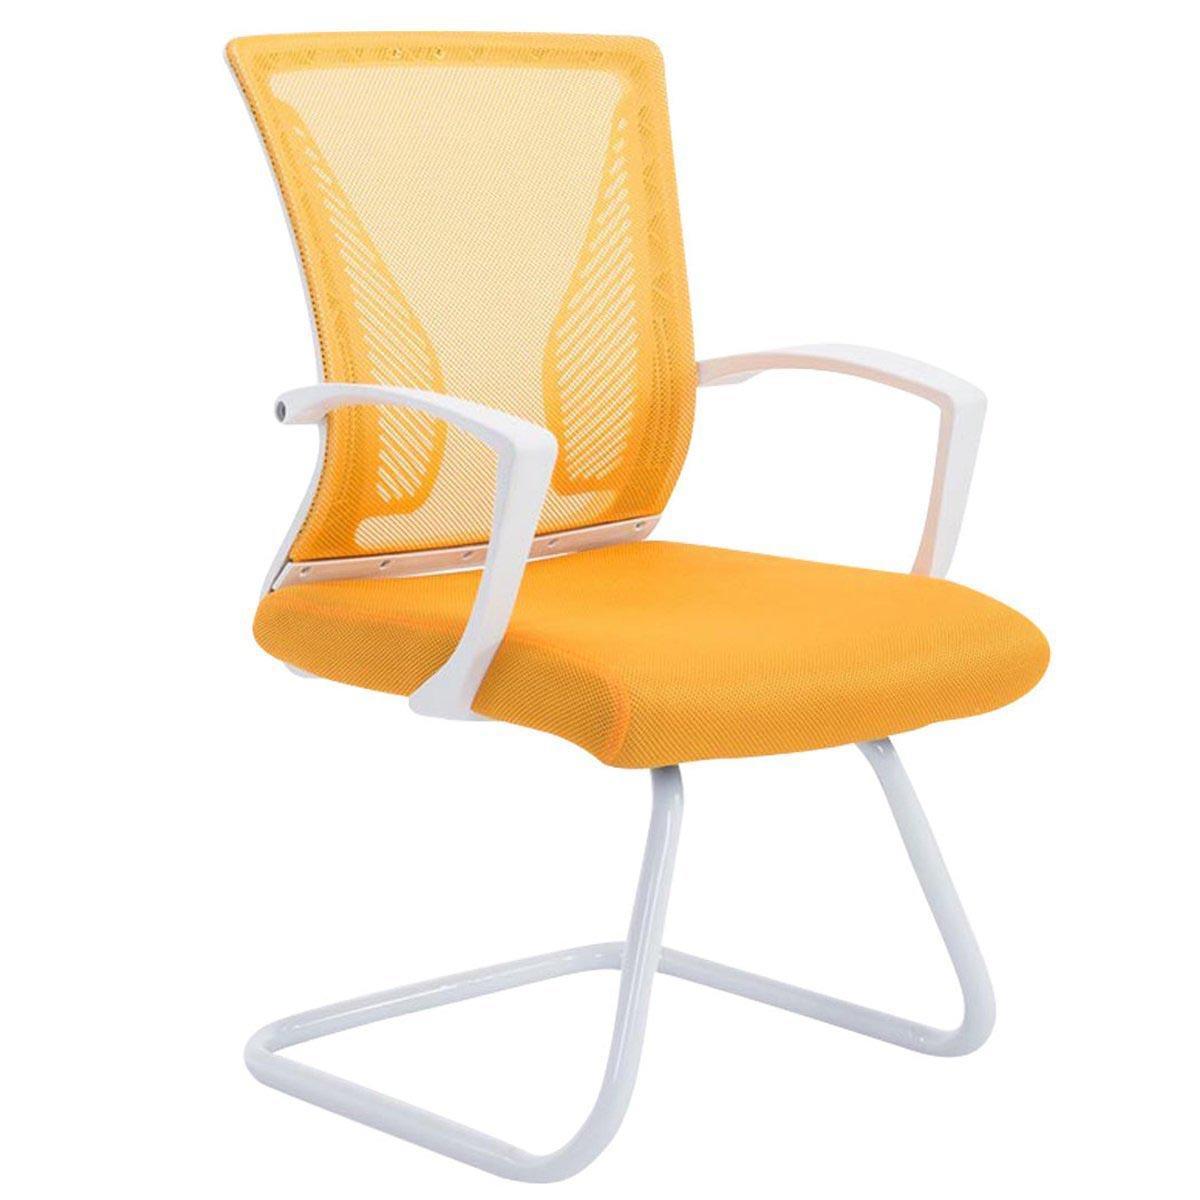 Scegli fra 9 design di sedie per sala d 39 attesa for Sedia ufficio gialla